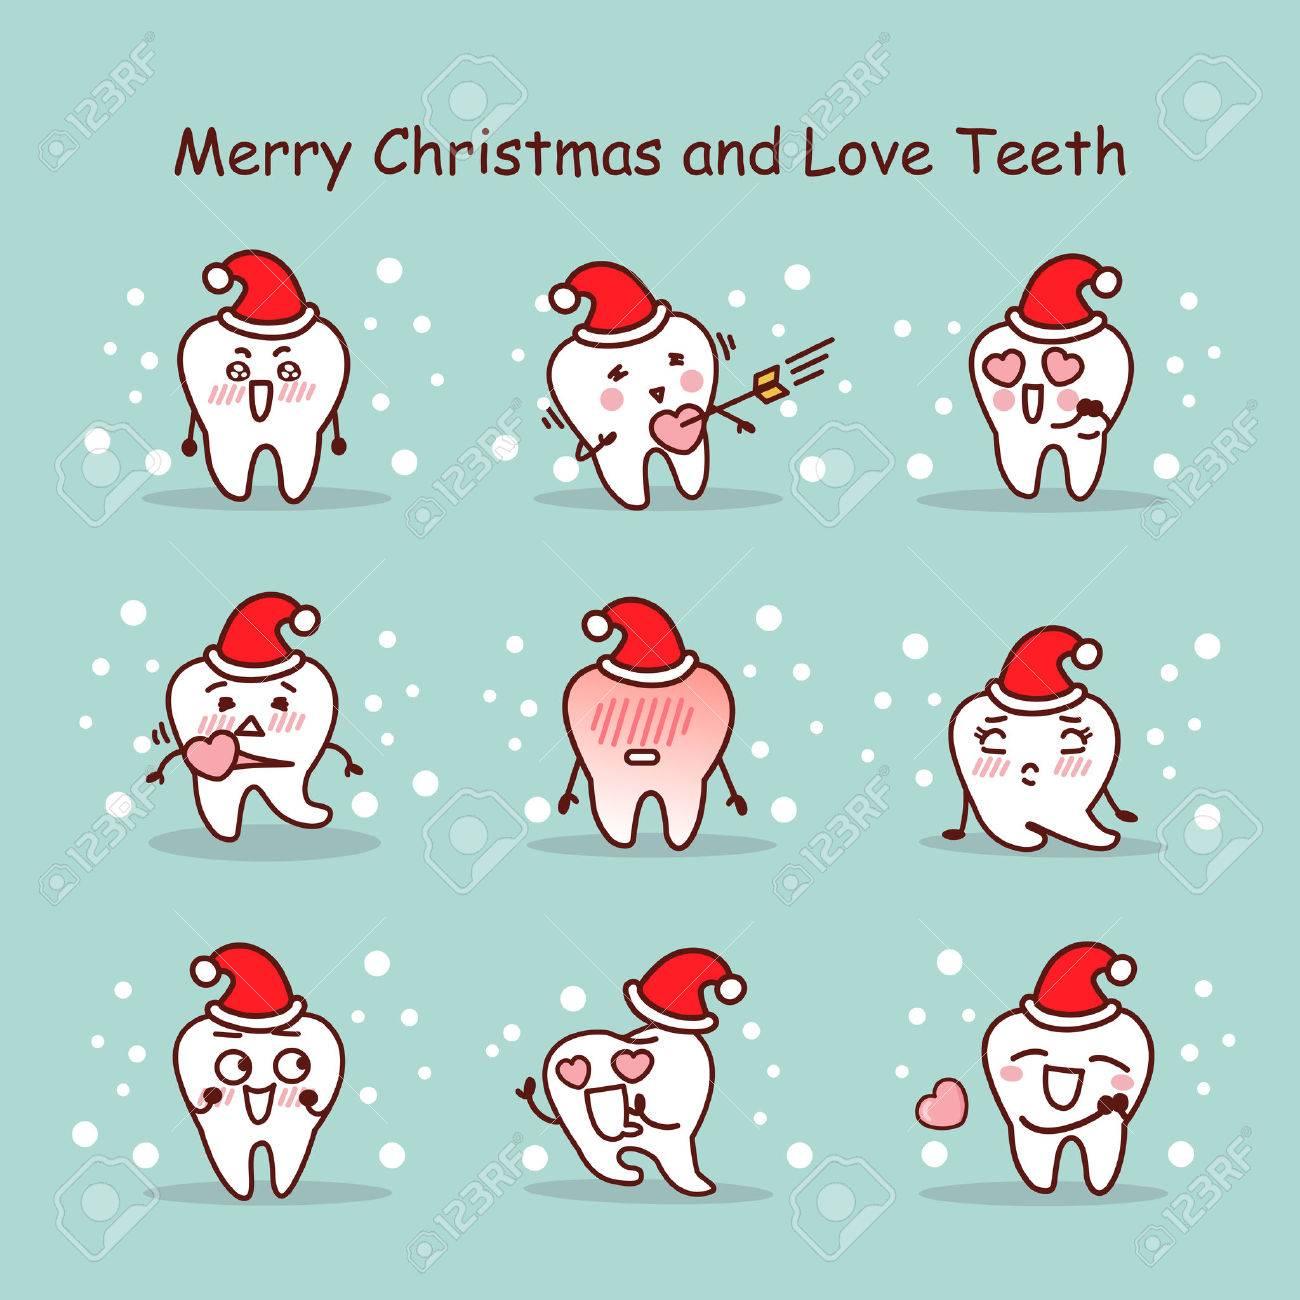 Frohe Weihnachten Liebe.Stock Photo